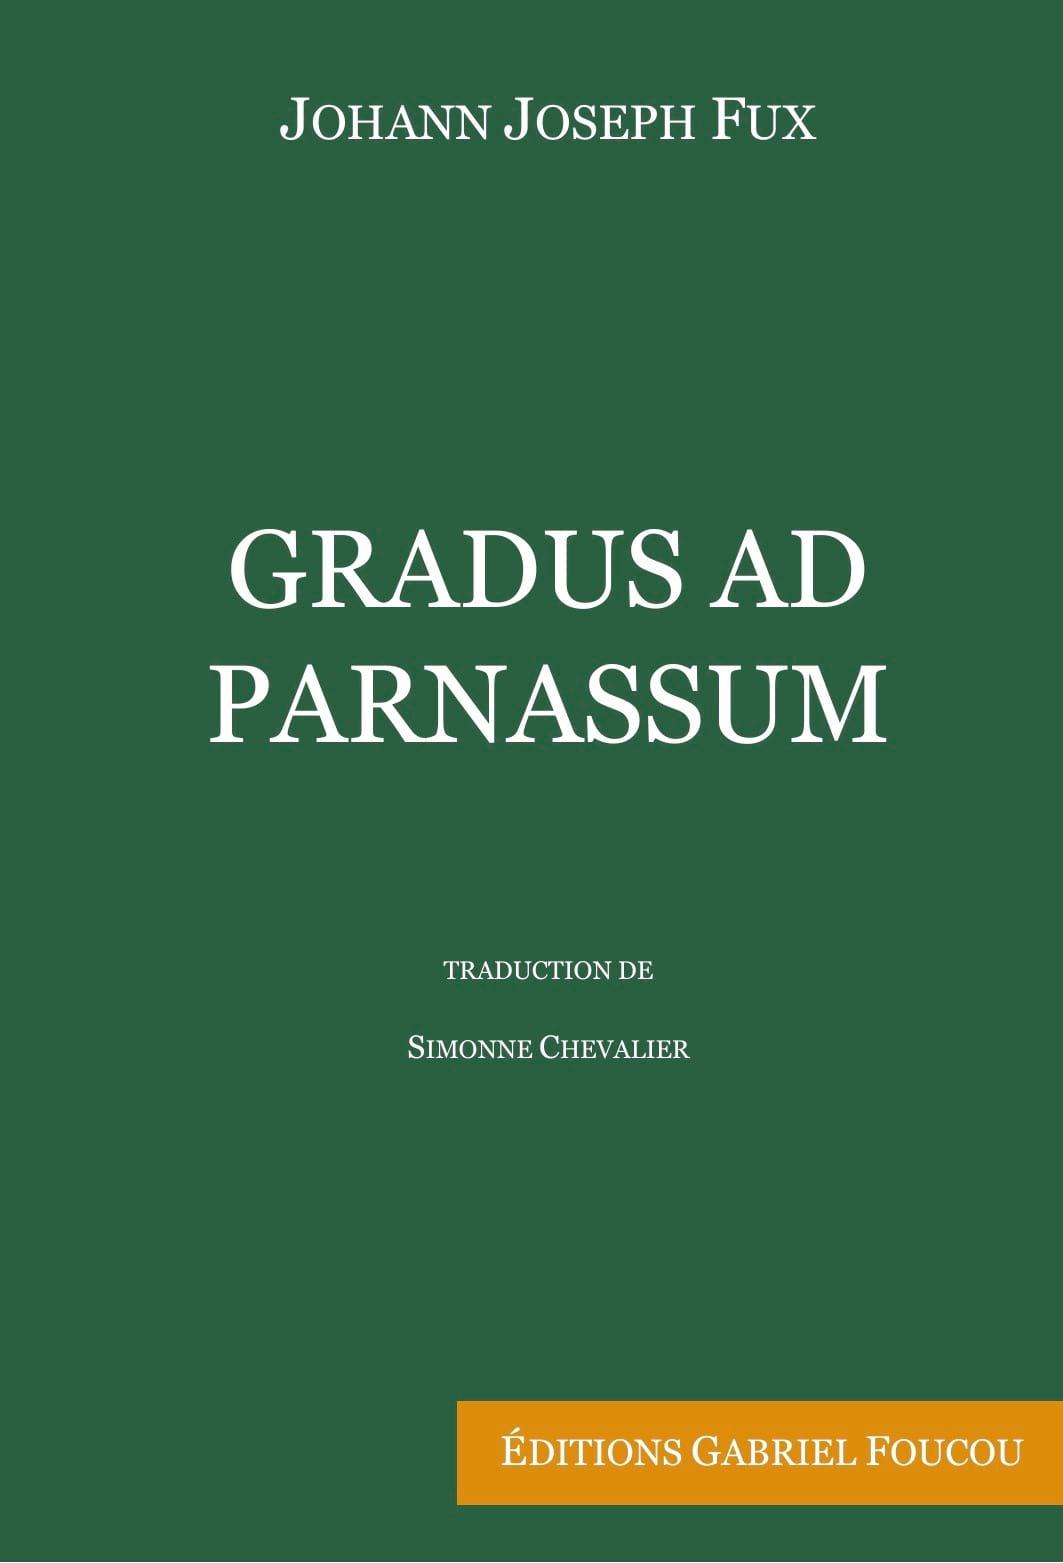 FUX Johann Joseph - Gradus Ad Parnassum - Livre - di-arezzo.es